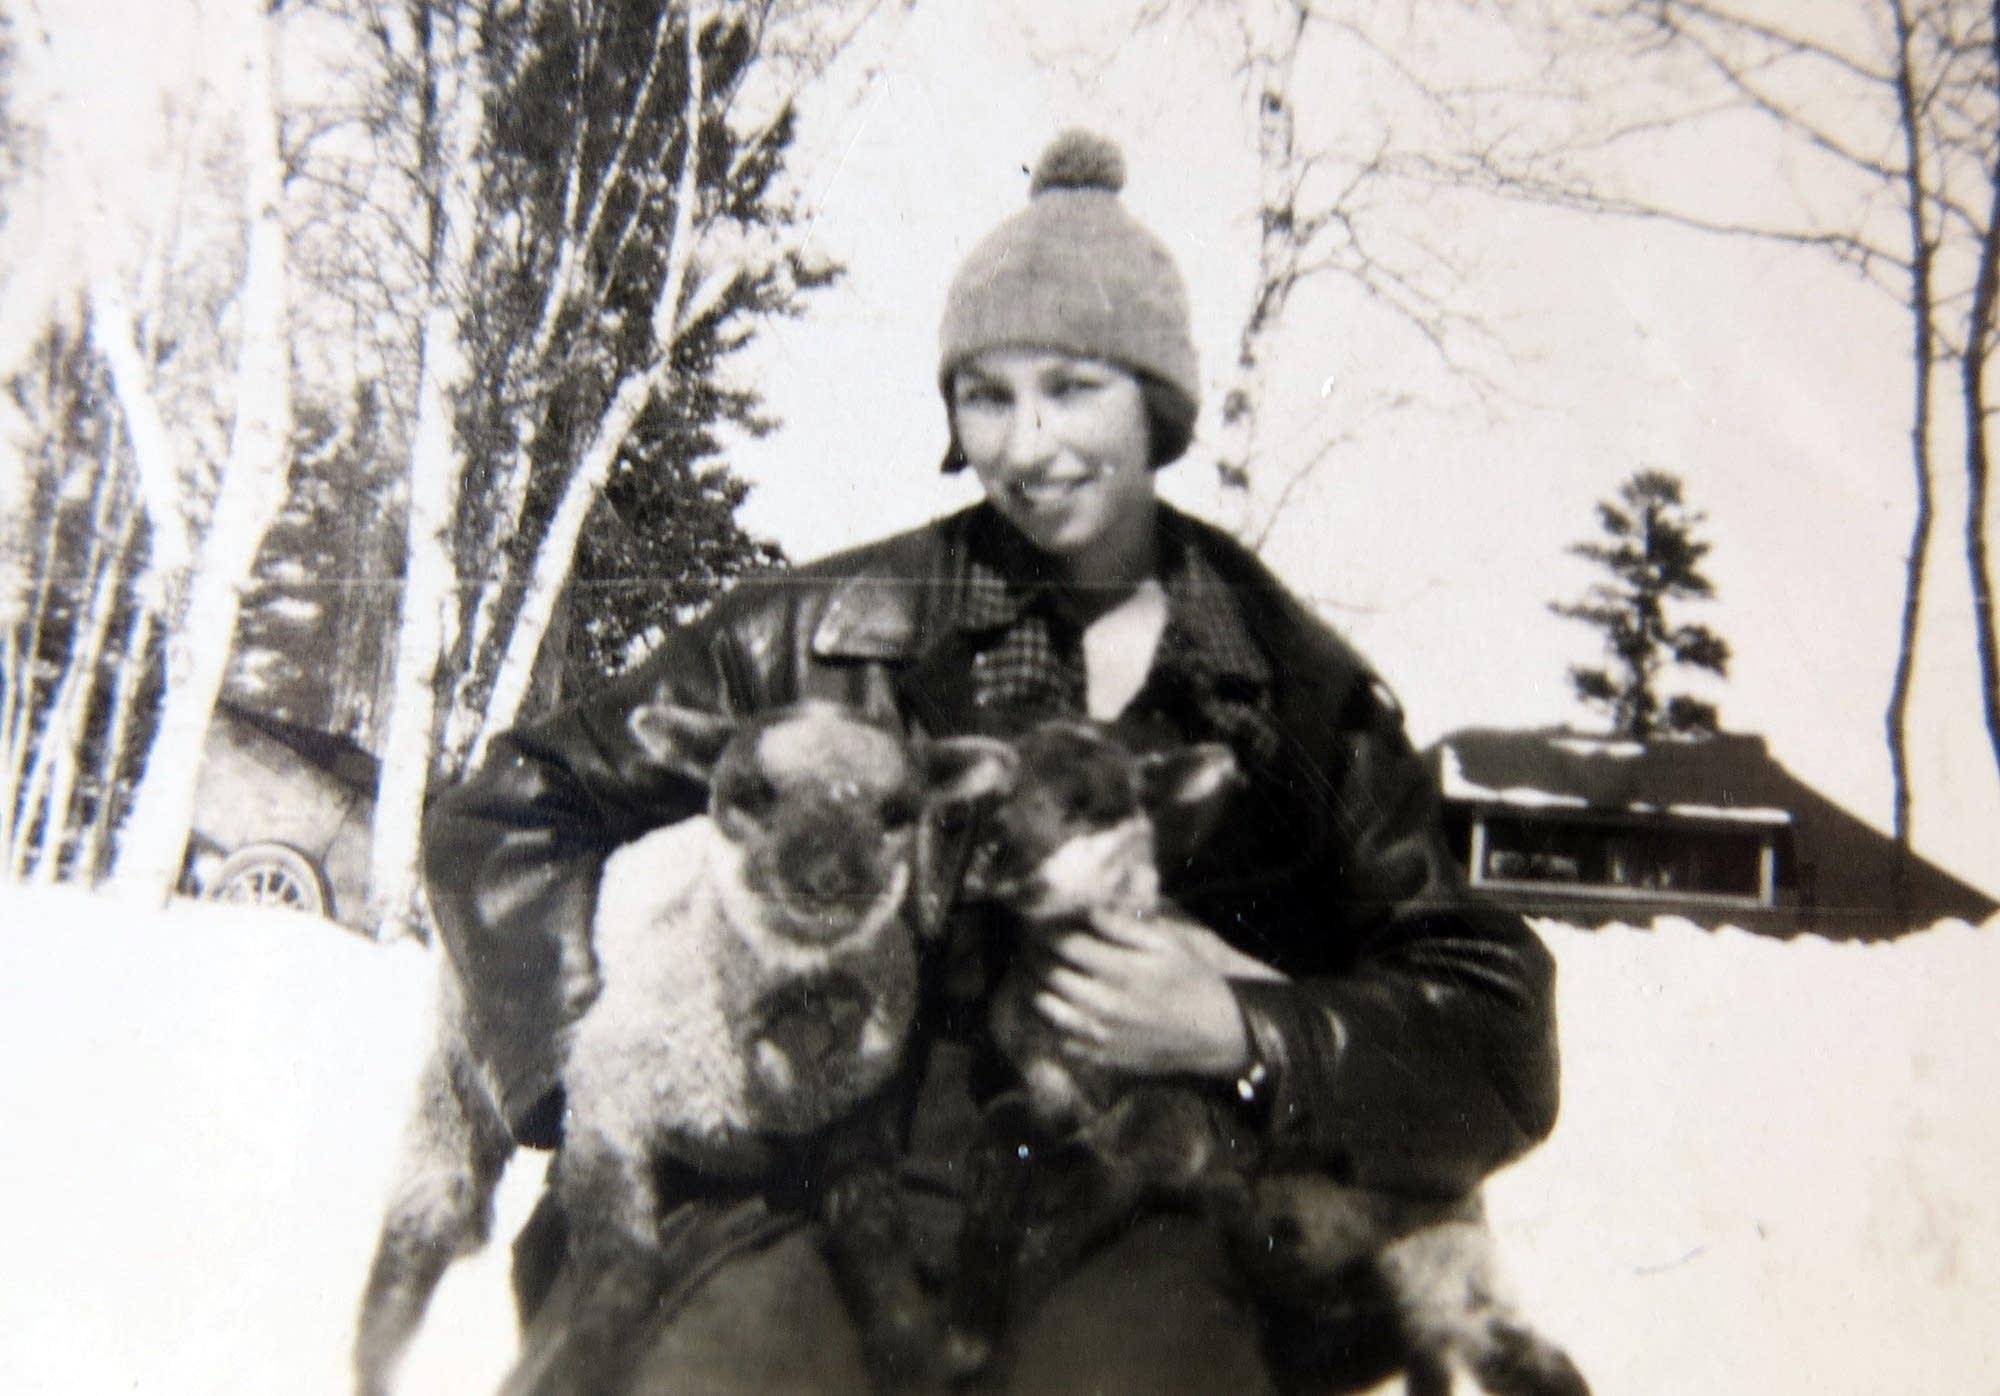 Elsye McGuire enjoyed raising goats on her family's homestead.